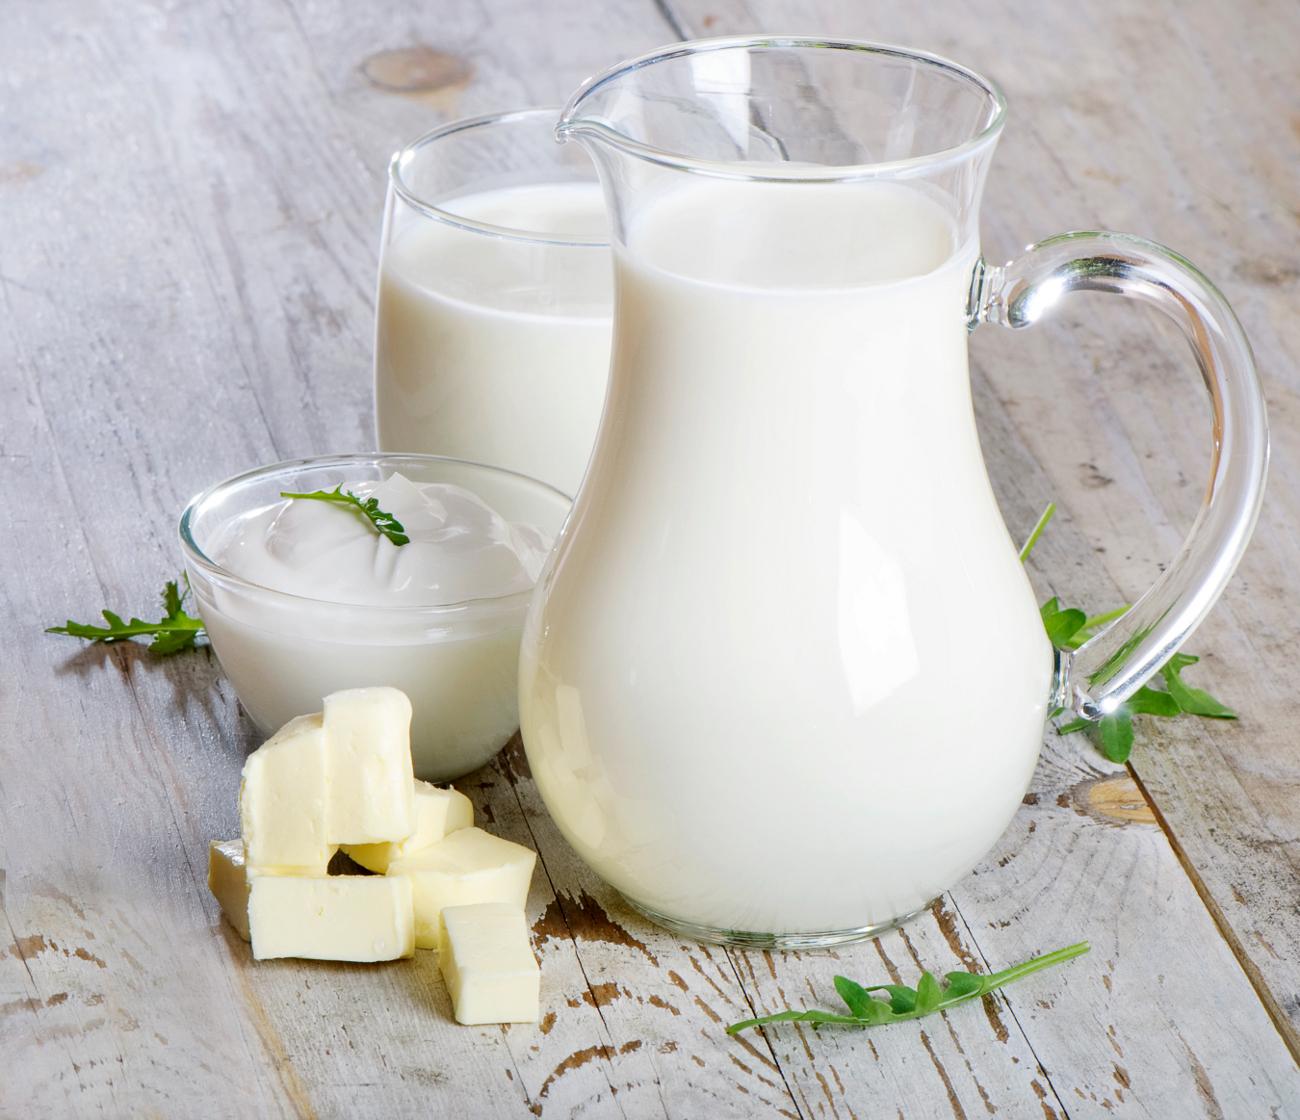 Bệnh viêm đại tràng co thắt cần kiêng ăn sữa và các chế phẩm từ sữa